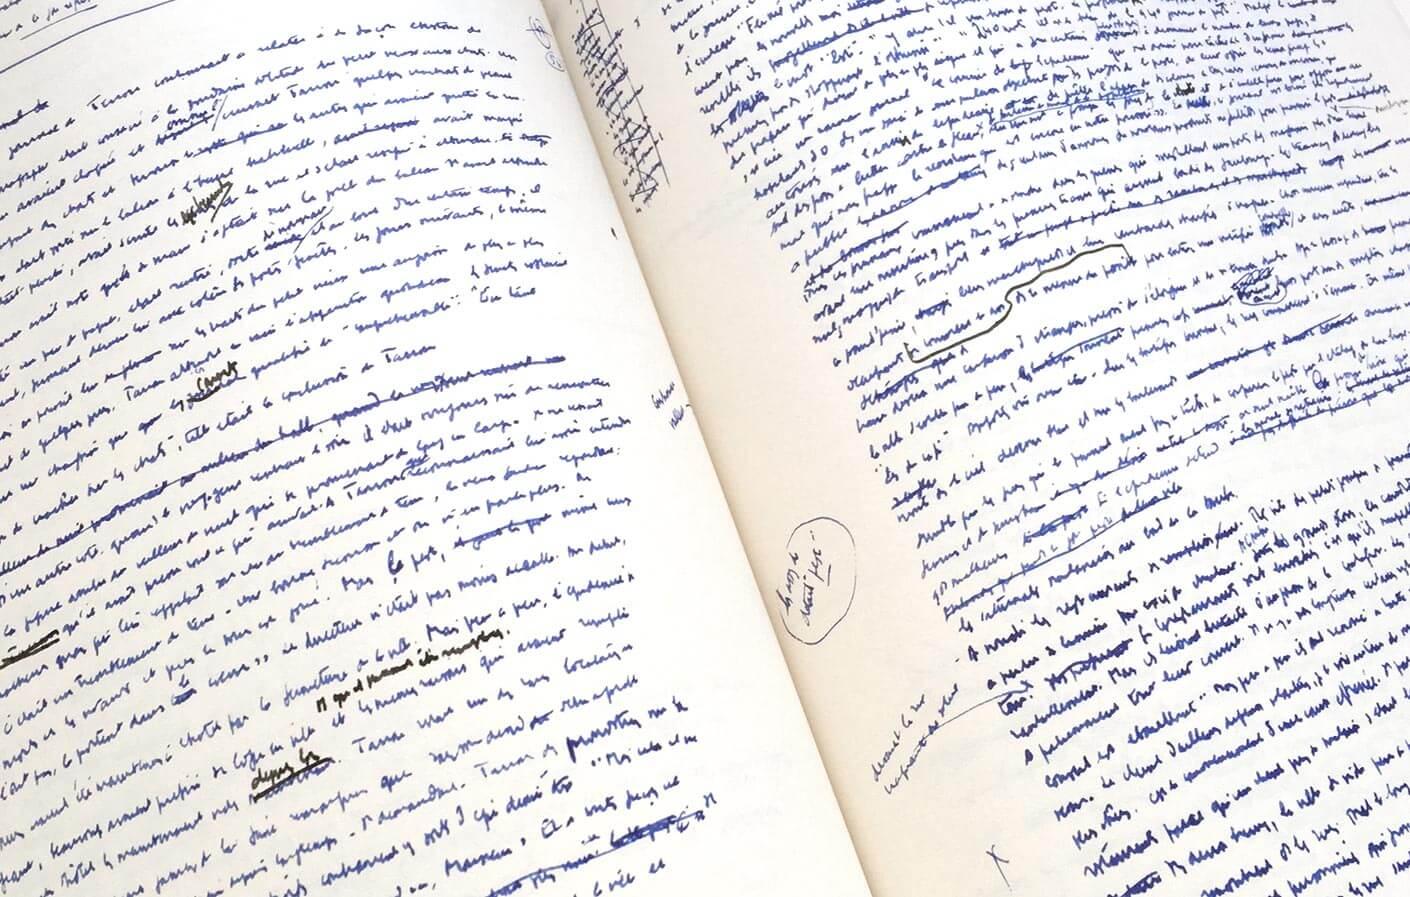 La Peste - Manuscrit